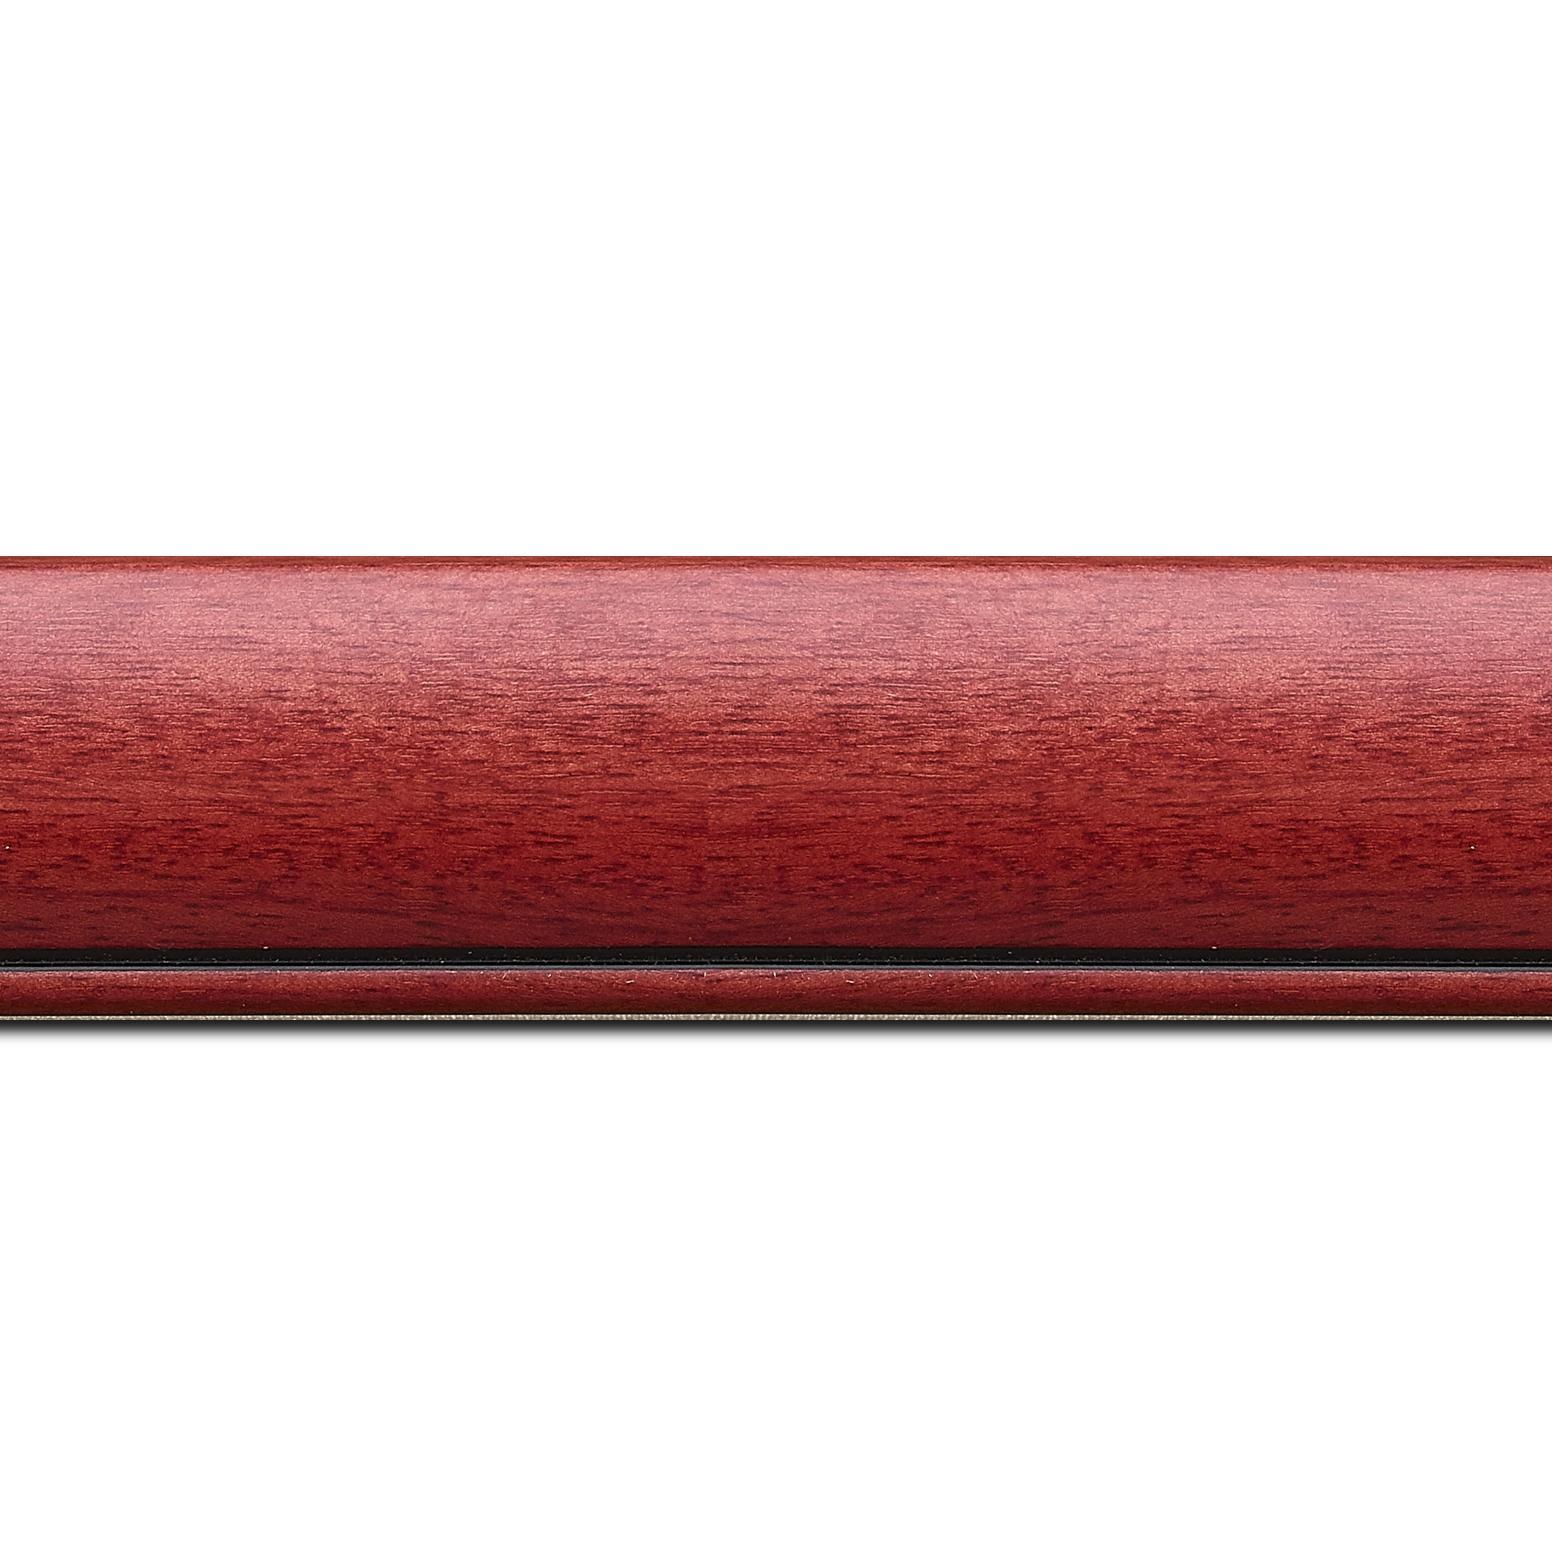 Pack par 12m, bois profil arrondi largeur 4.7cm couleur rouge cerise satiné rehaussé d'un filet noir(longueur baguette pouvant varier entre 2.40m et 3m selon arrivage des bois)